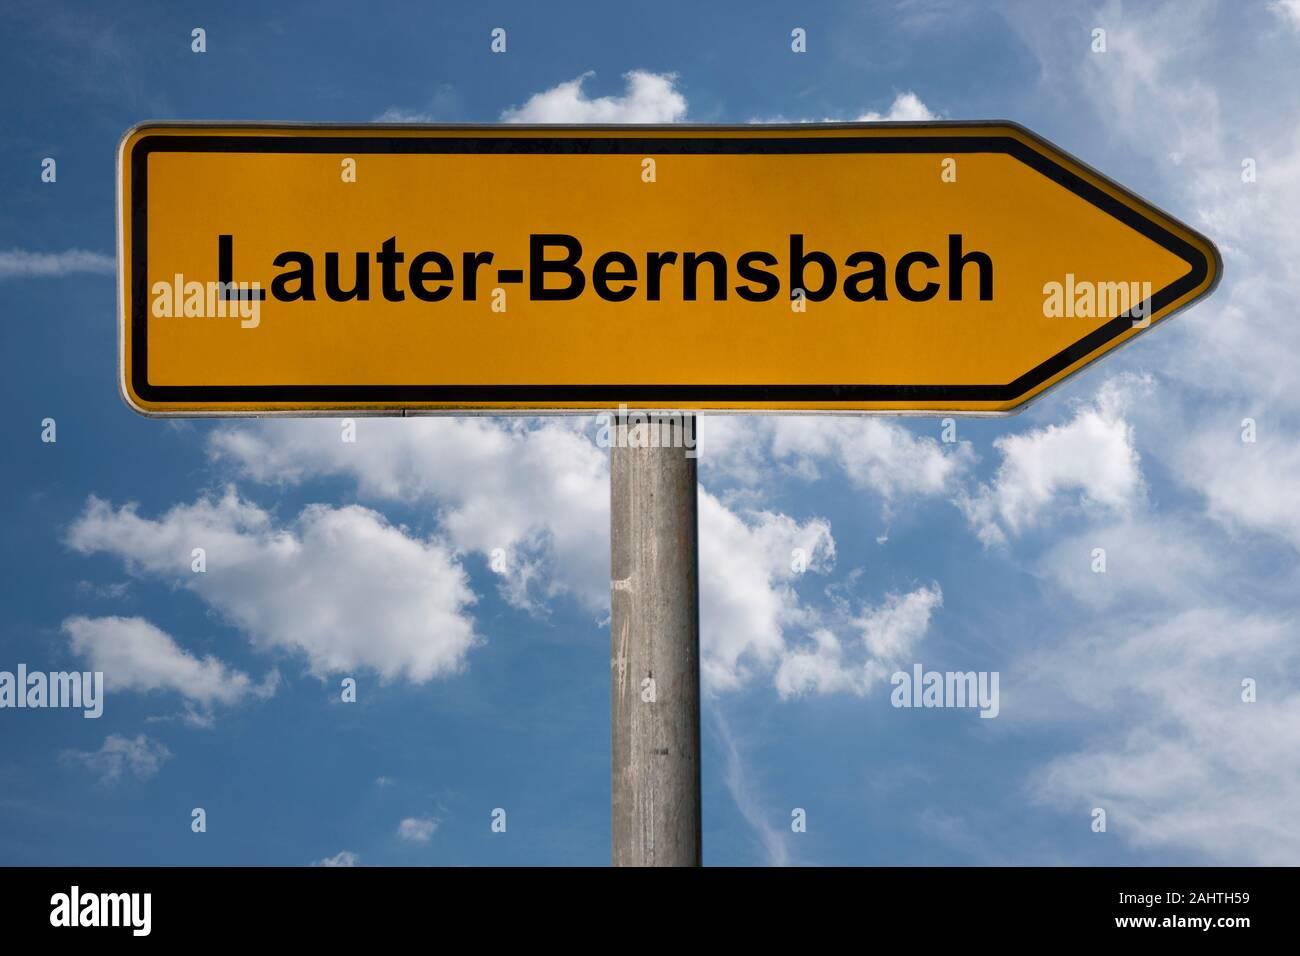 Girl aus Lauter-Bernsbach